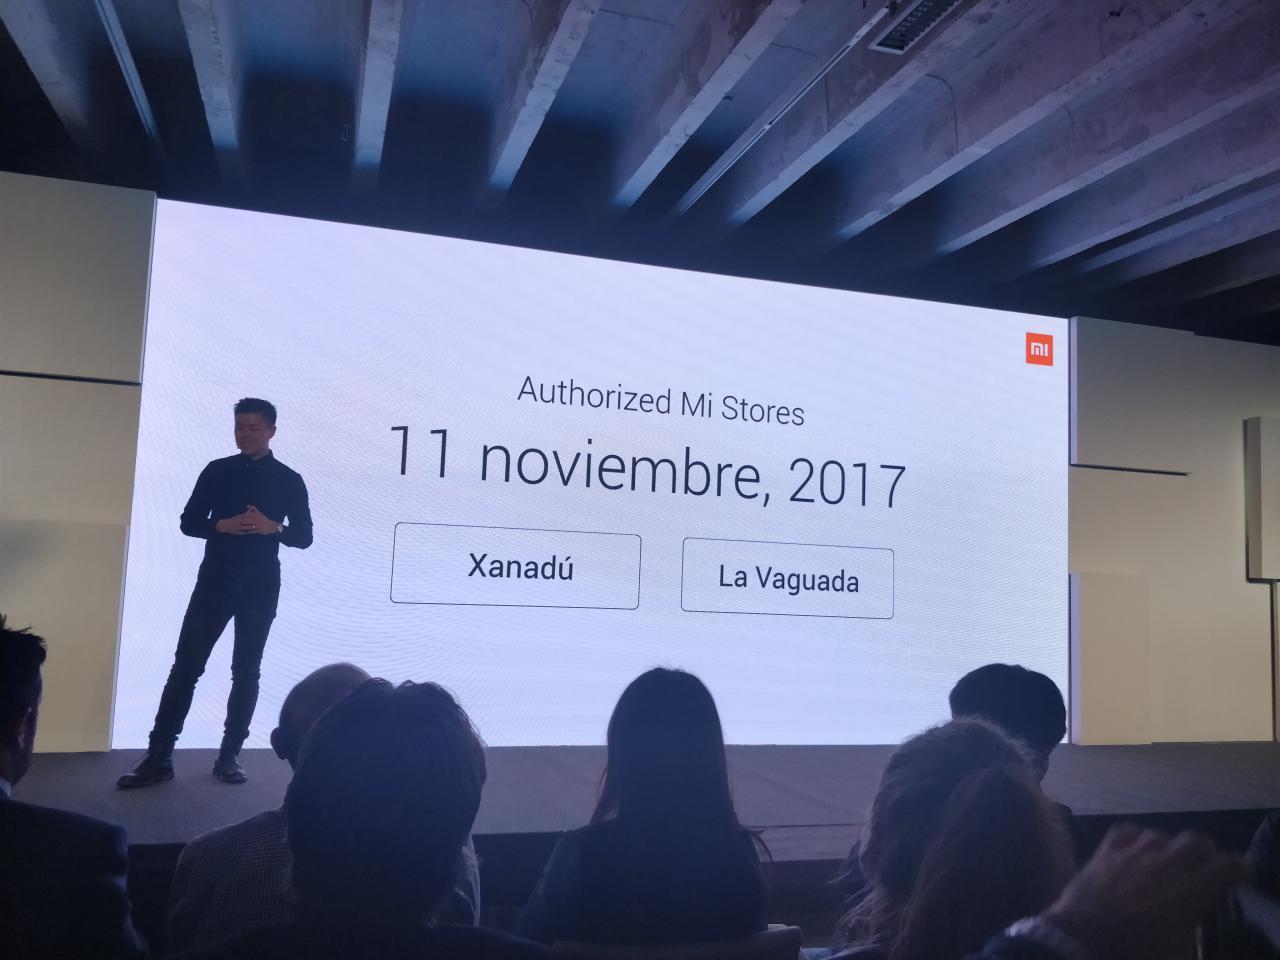 dispositivos Xiaomi